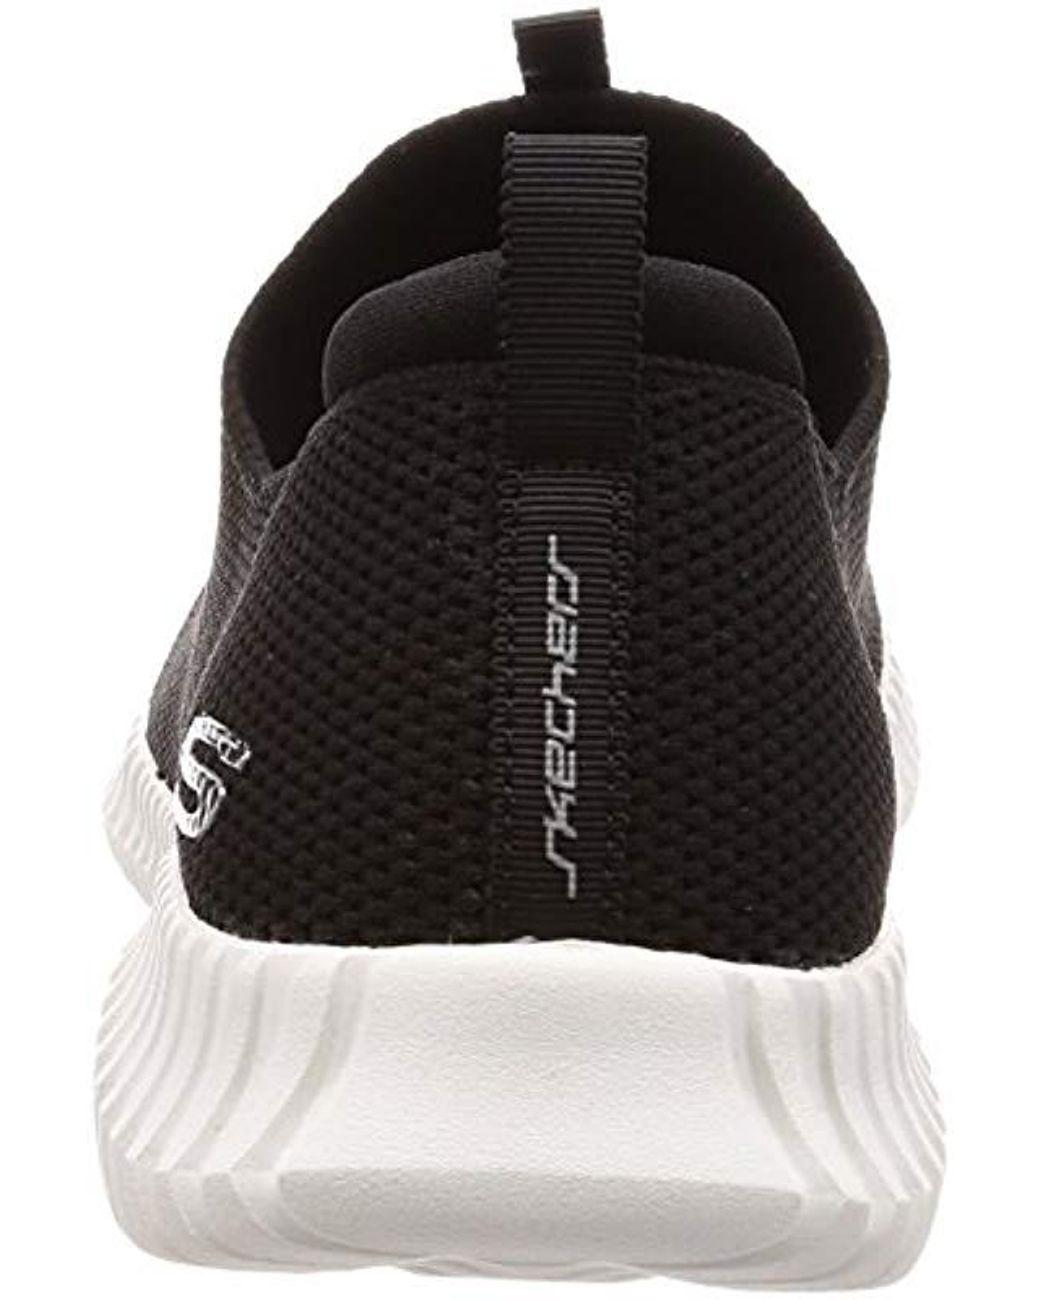 finest selection lovely luster how to buy Skechers Elite Flex Wasik Loafer in Black/White (Black) for ...